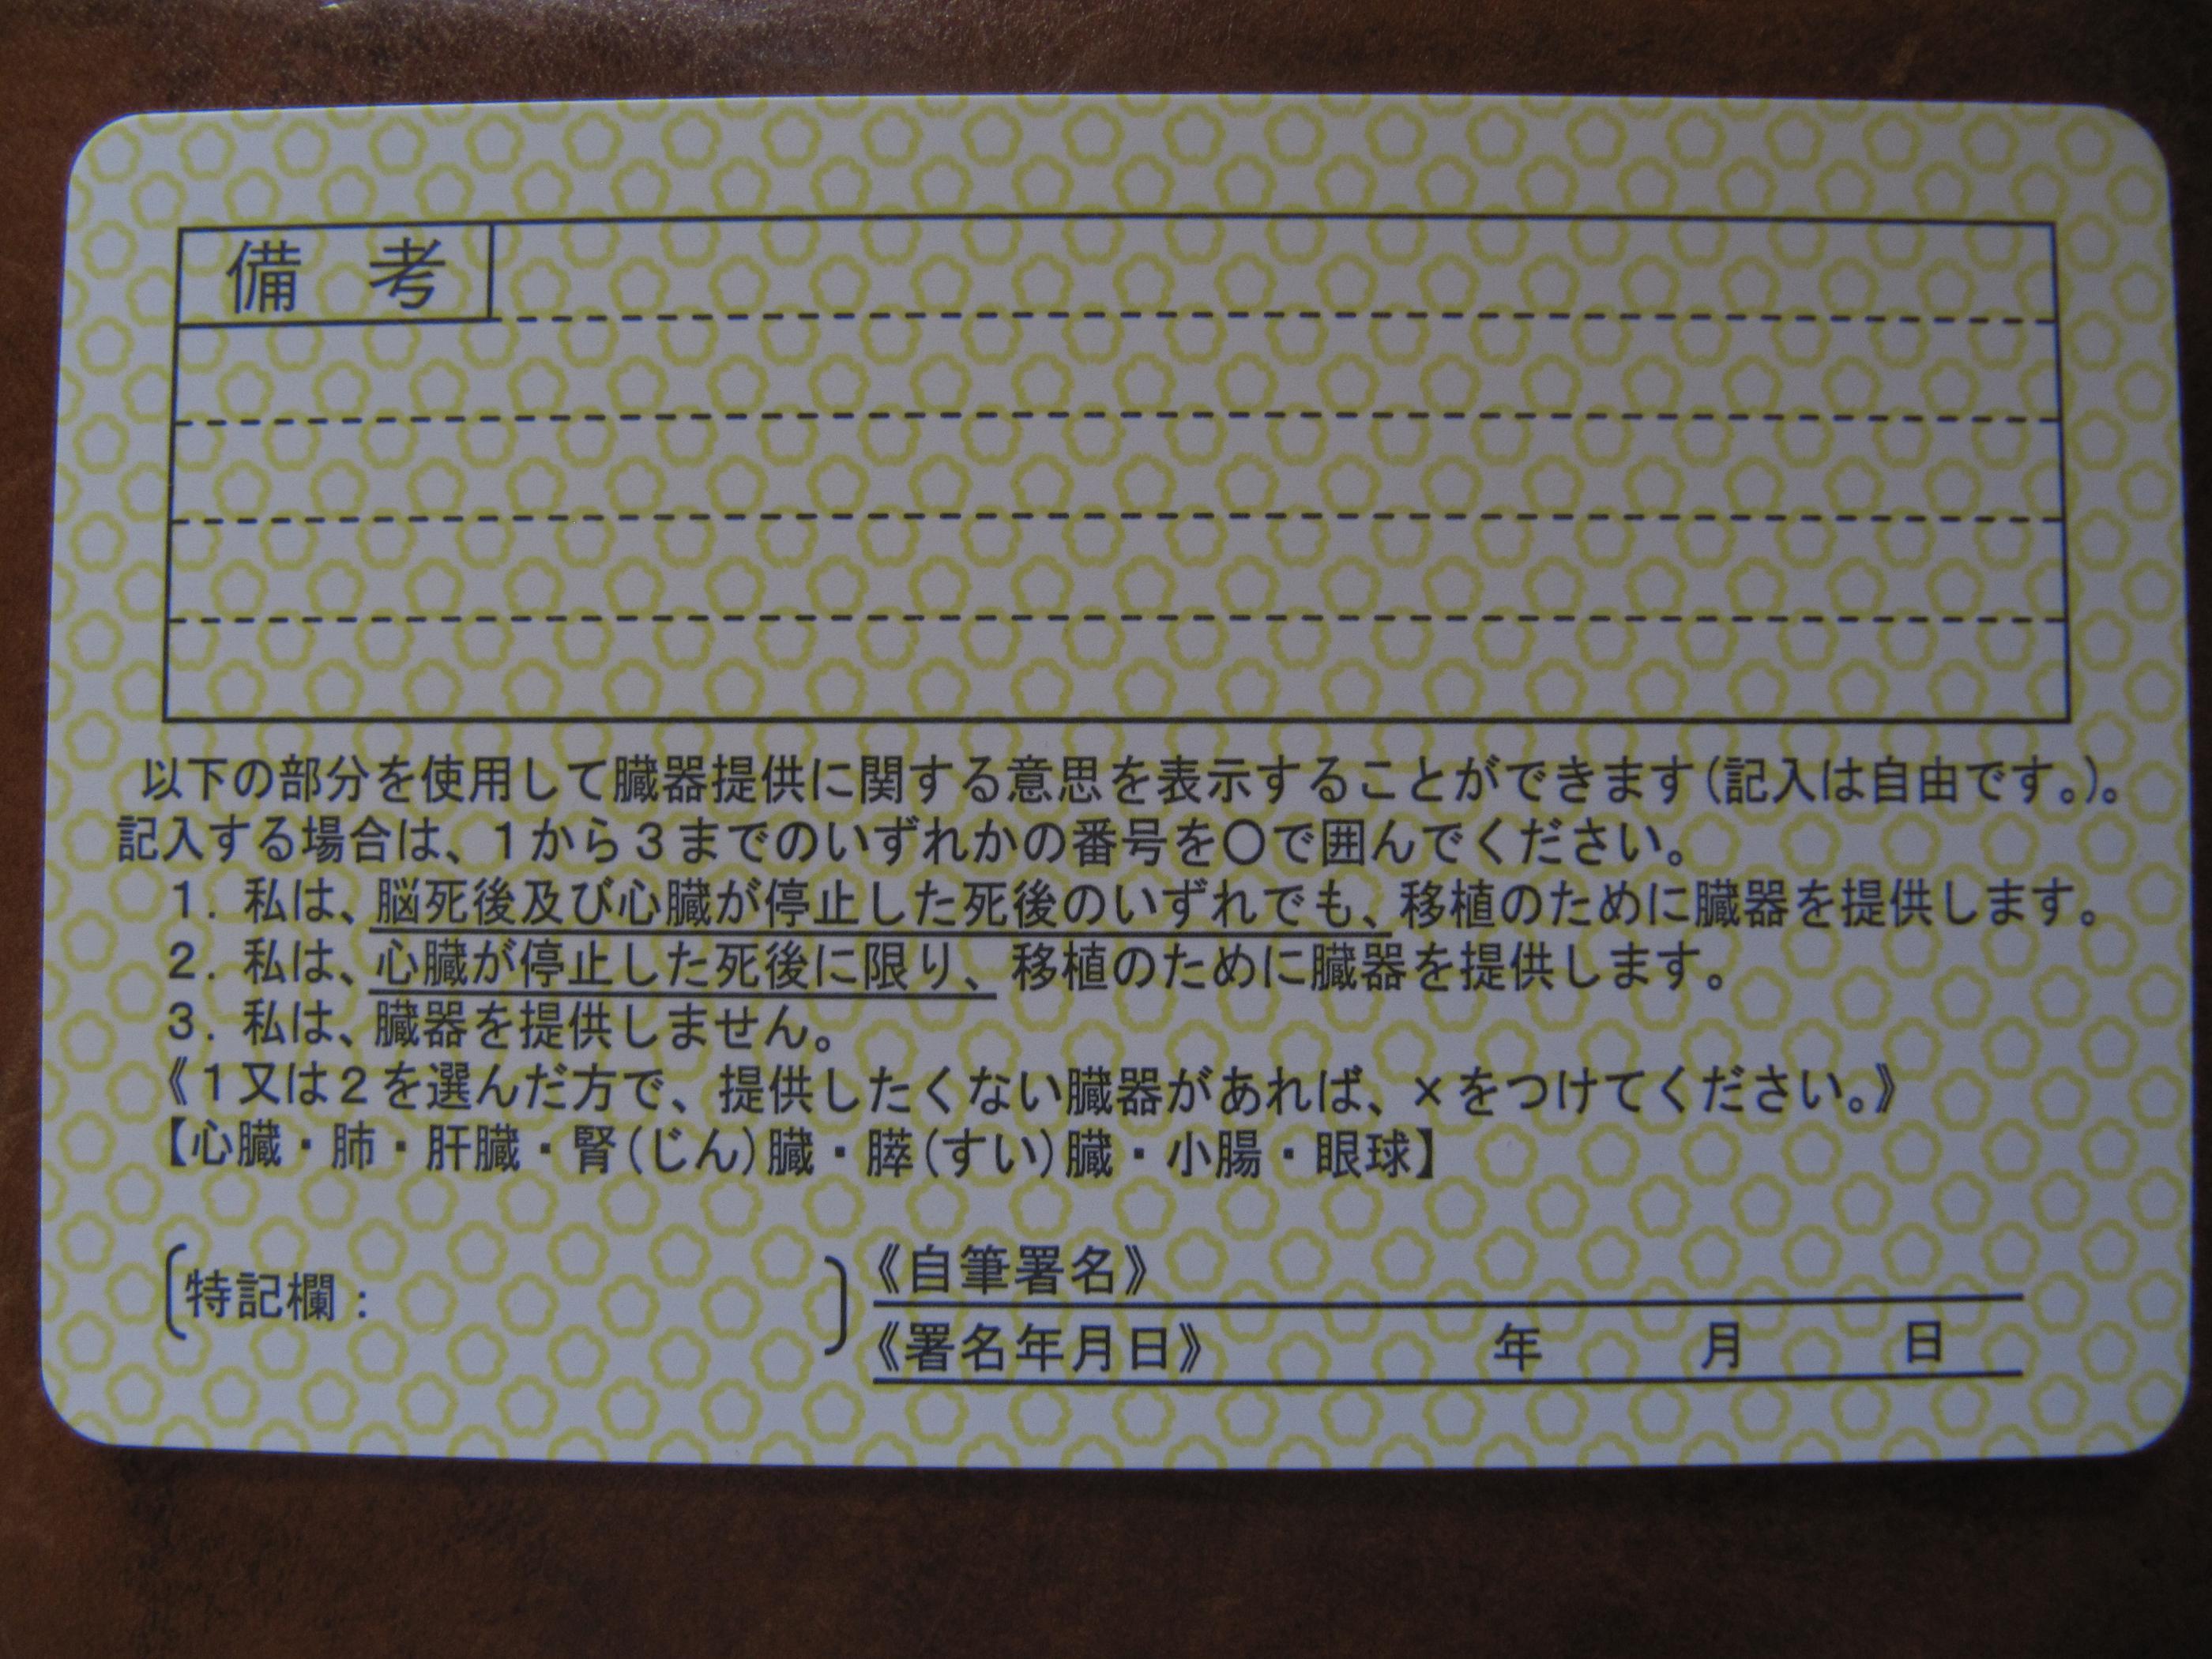 ↑ この建物内で手続き ↑ 旧運転免許証 ↑ 新運転免許証 ↑ 裏面は... 運転免許証更新